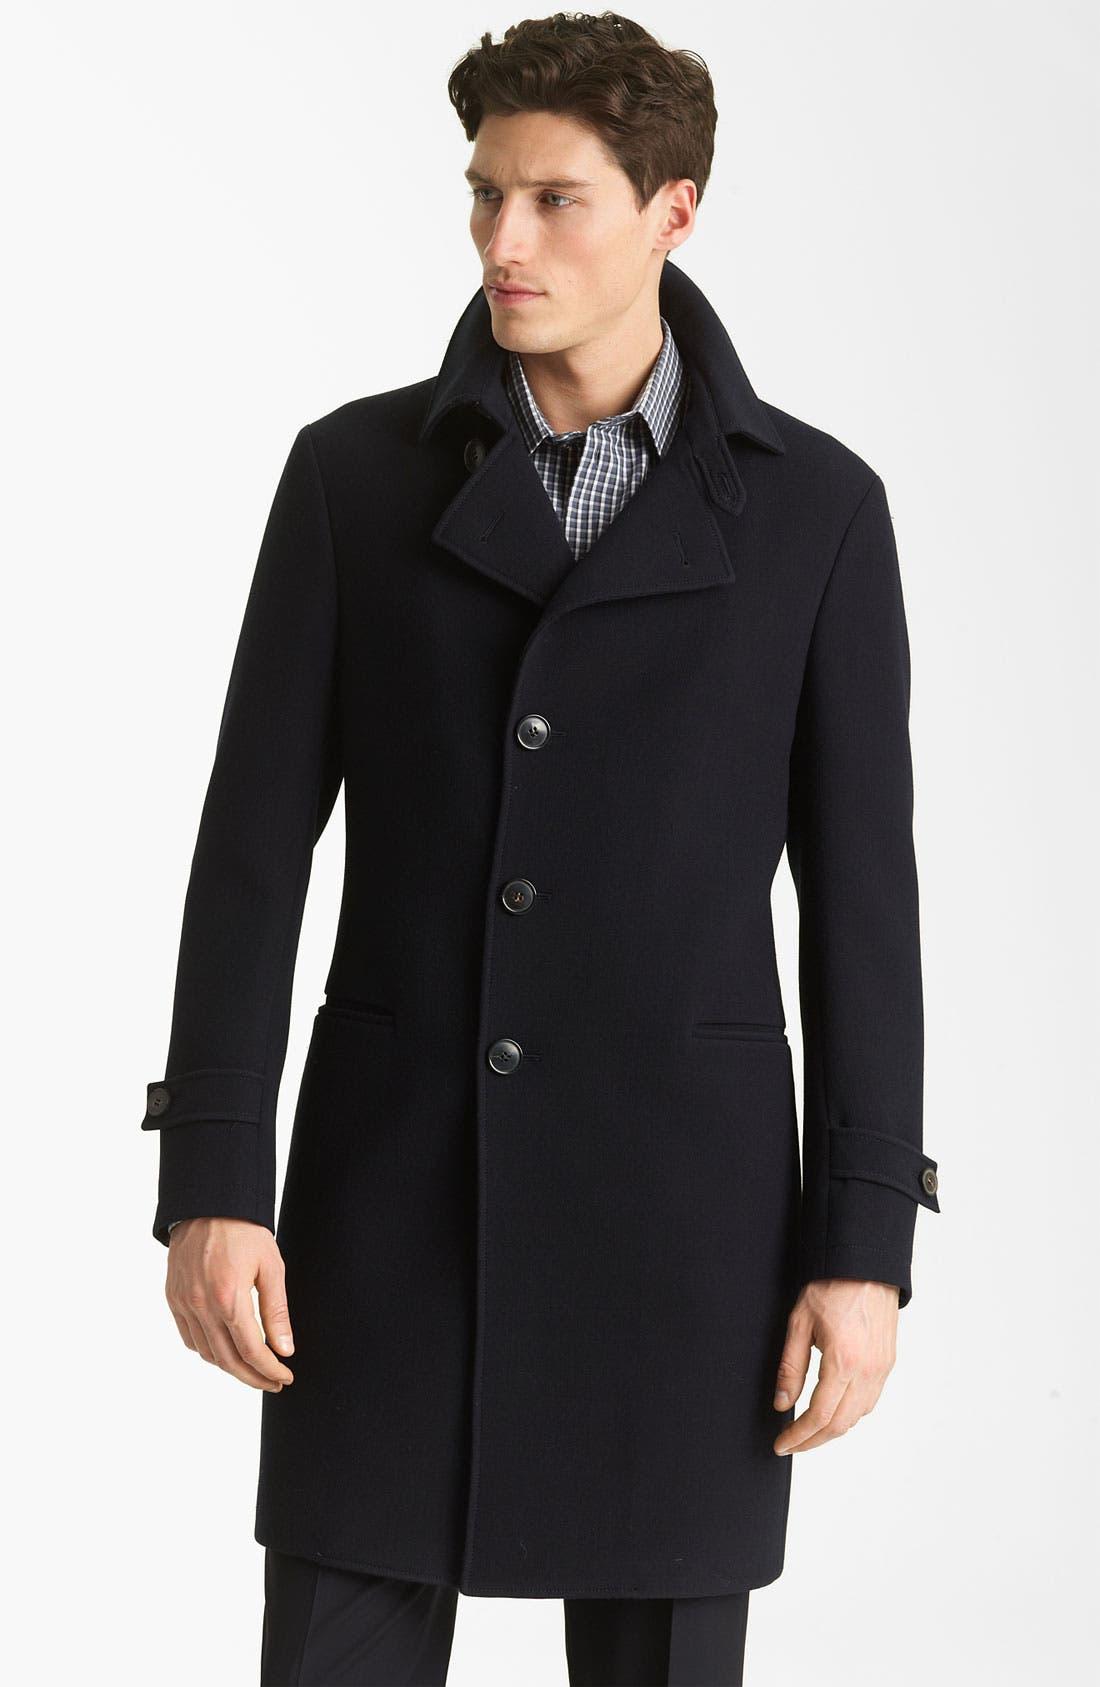 Main Image - Armani Collezioni Twill Top Coat